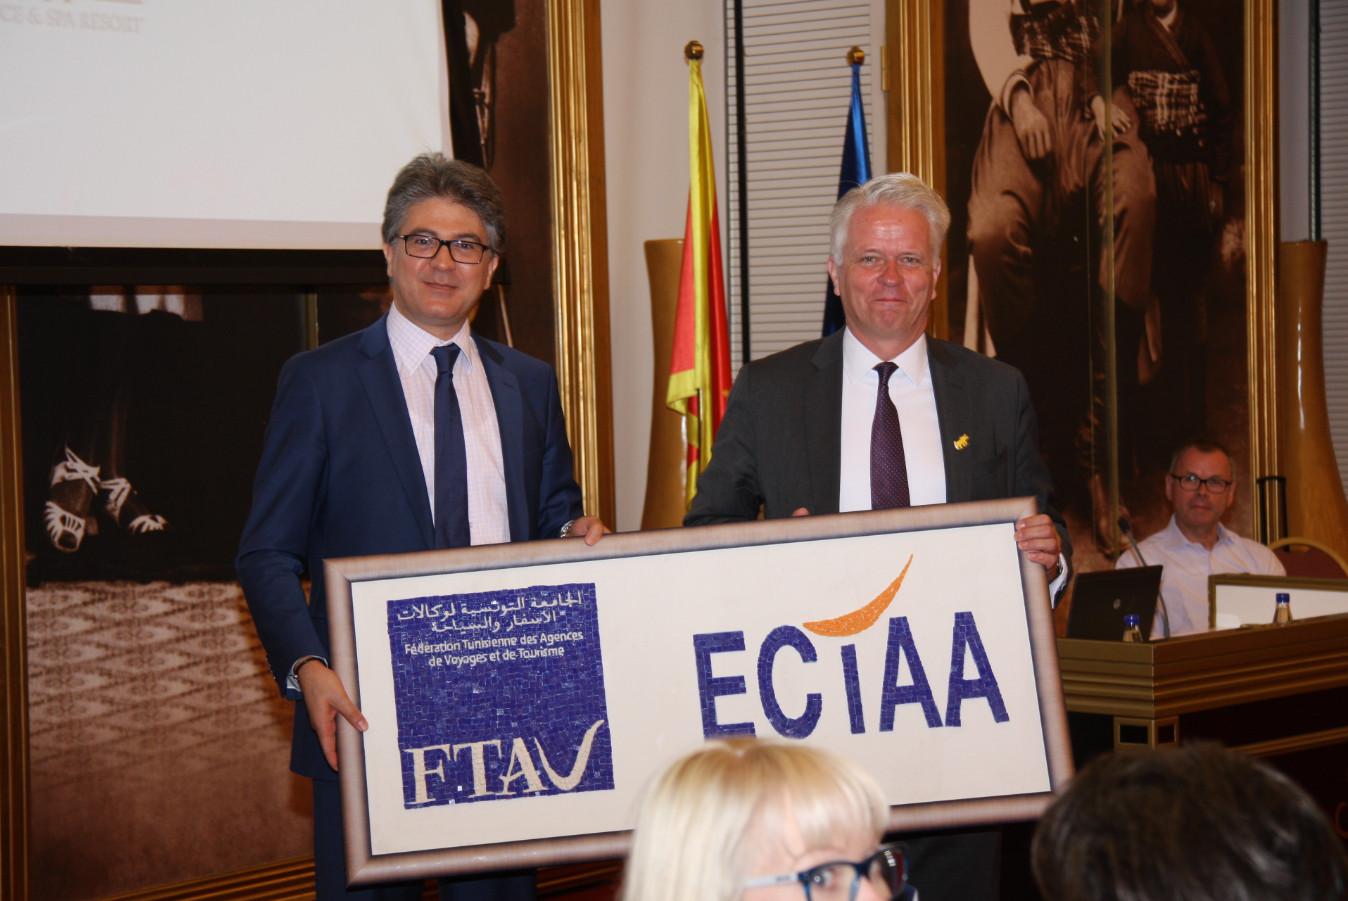 ECTAA-FTAV-tunisie